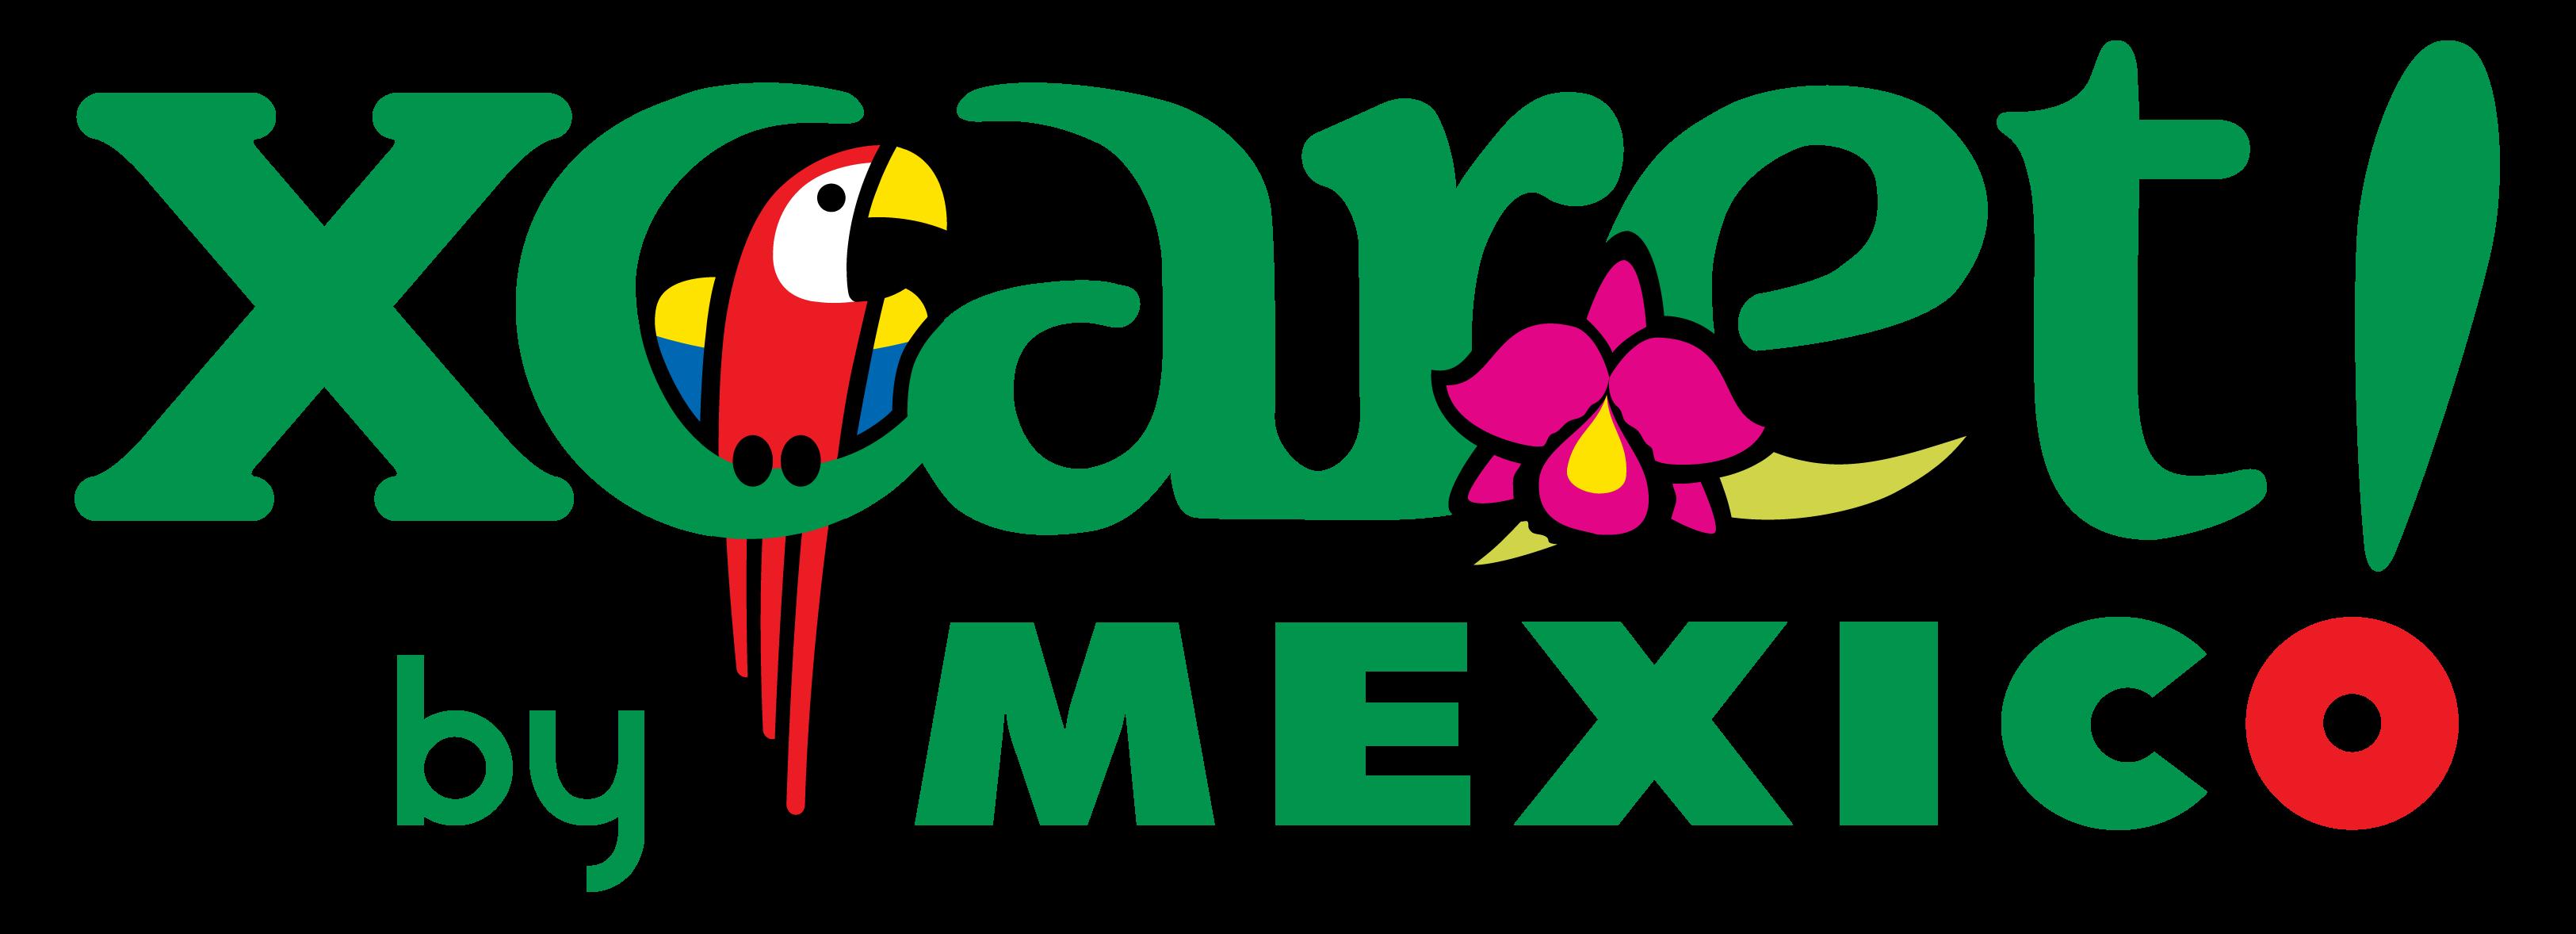 Xcaret México